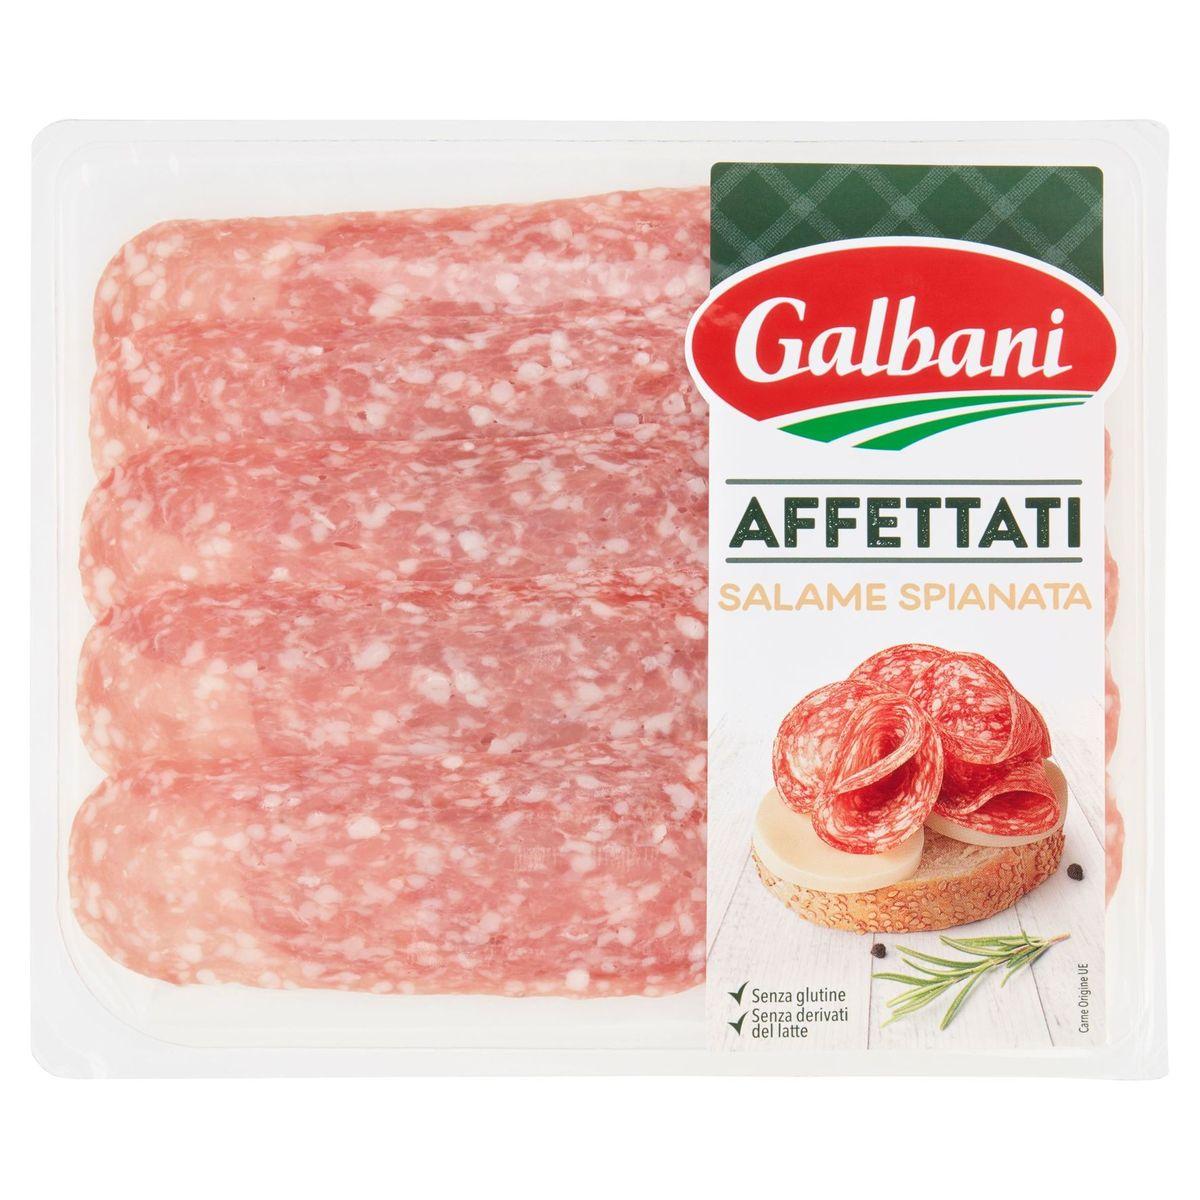 Galbani Affettati Salame Spianata 100 g